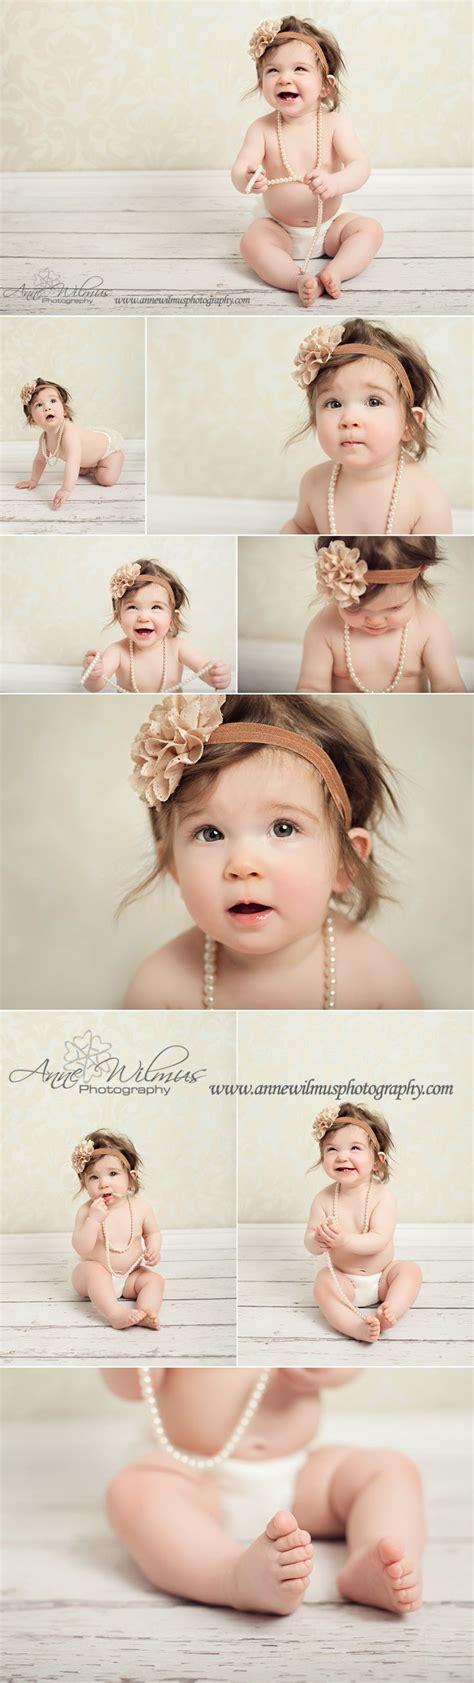 mneder p foto 4 months on photo 359 besten kinder fotoshooting ideen bilder auf pinterest